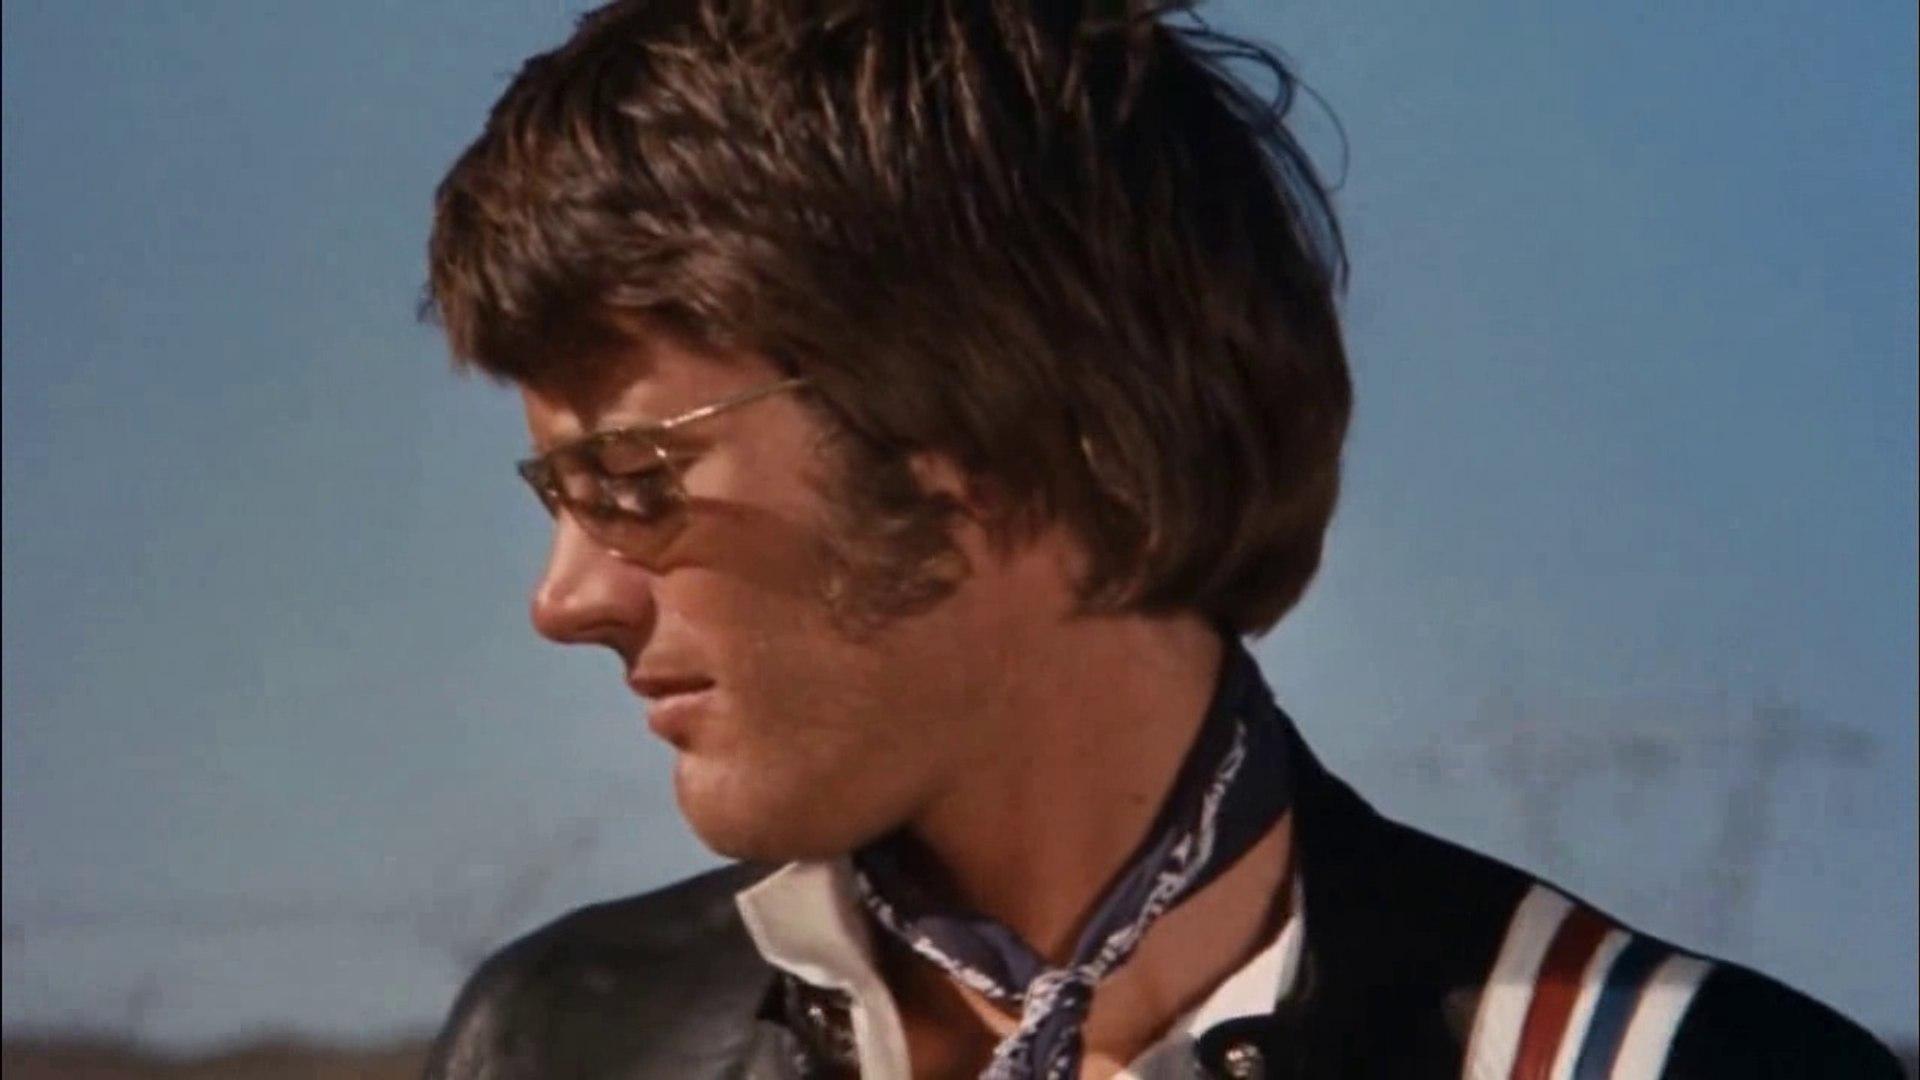 Peter Fonda As A Wyatt (From Easy Rider) (1969)